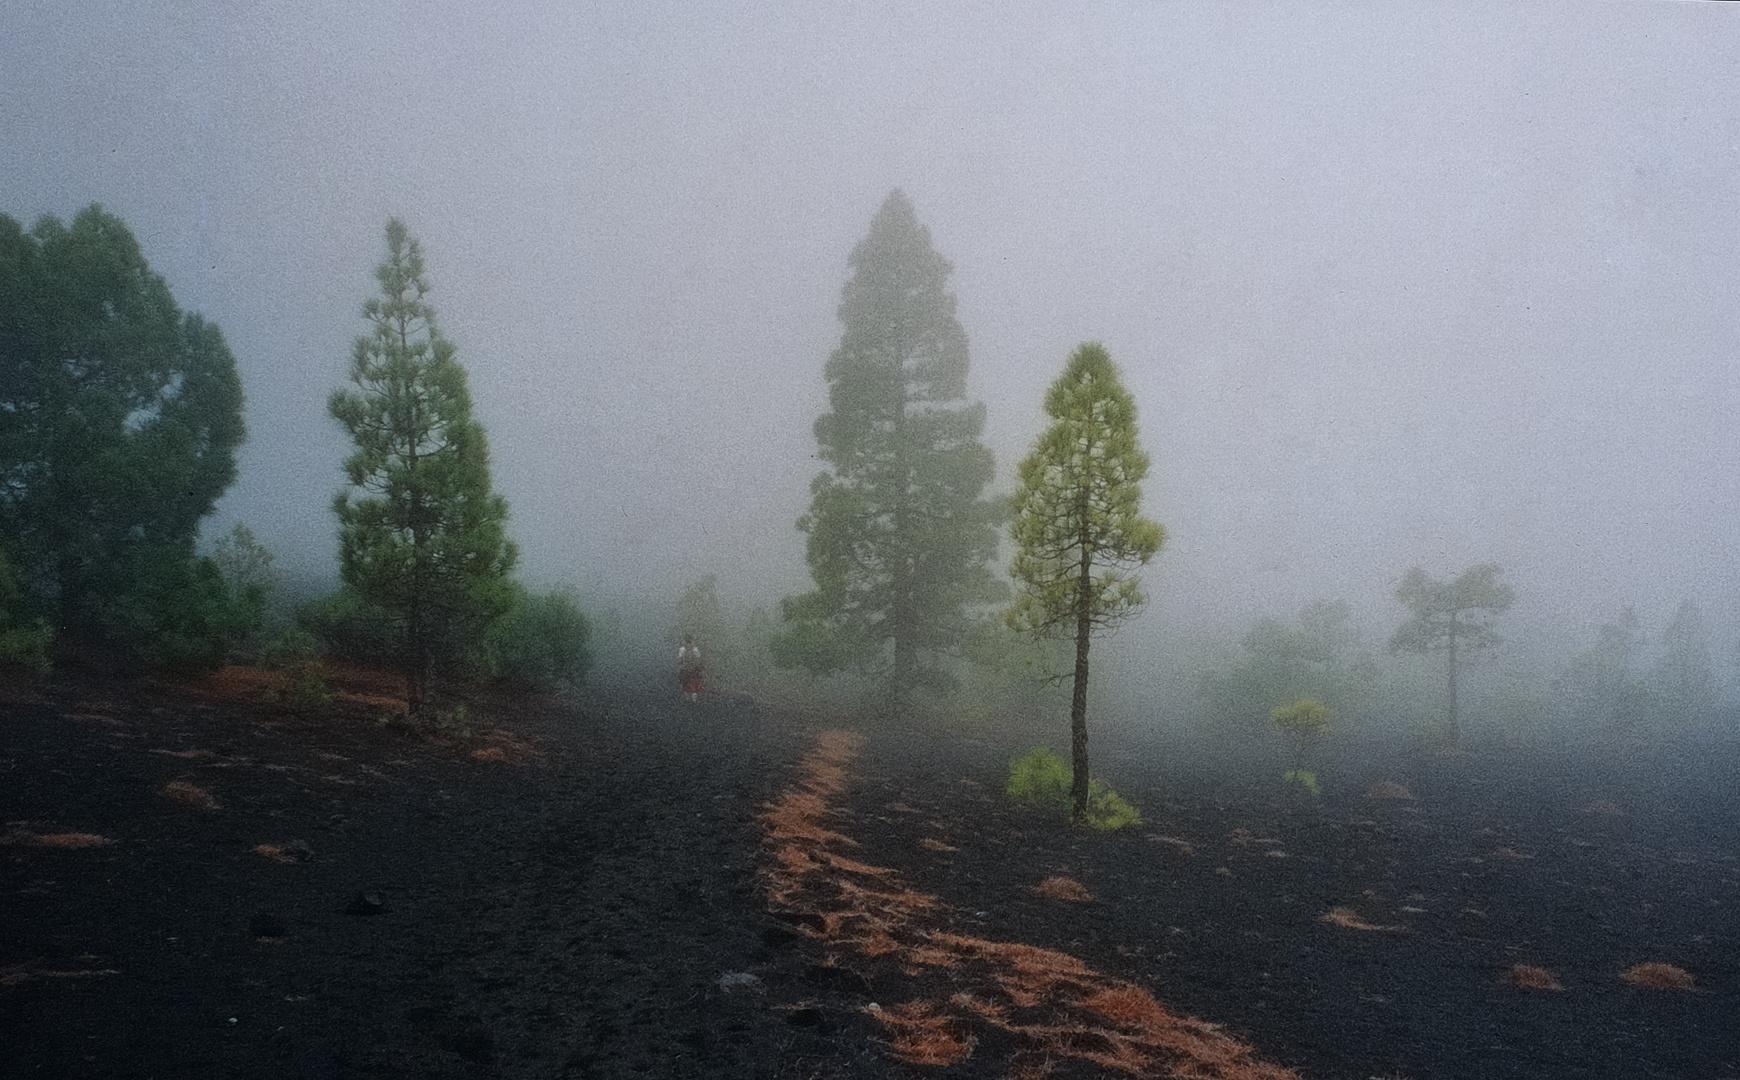 La Palma, La Routa de los vulcanos